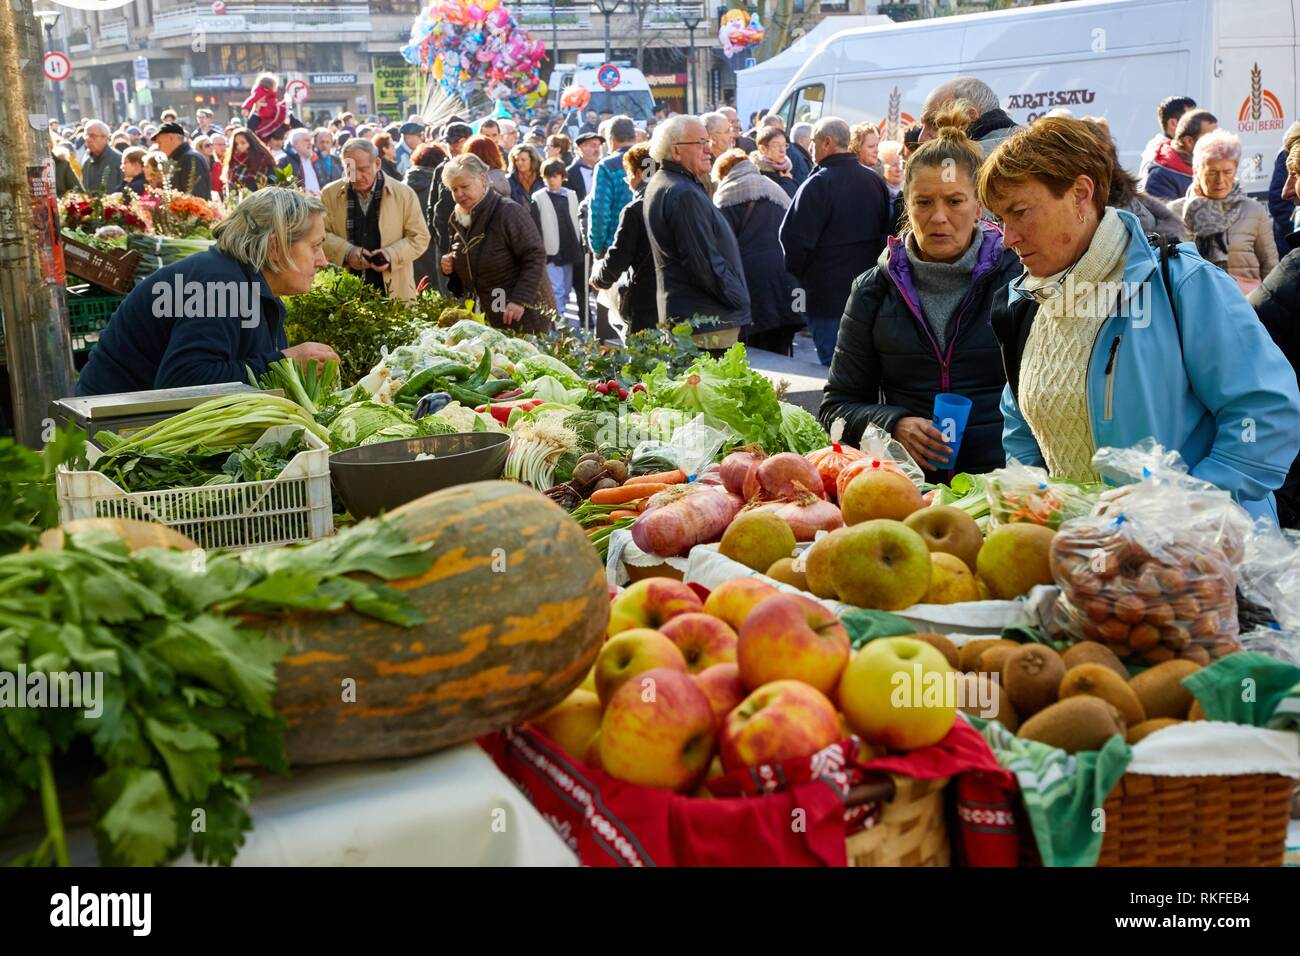 Gemüse, Feria de Santo Tomás, dem Fest des Hl. Thomas erfolgt am 21. Dezember. An diesem Tag San Sebastián ist in einer transformierten Stockbild